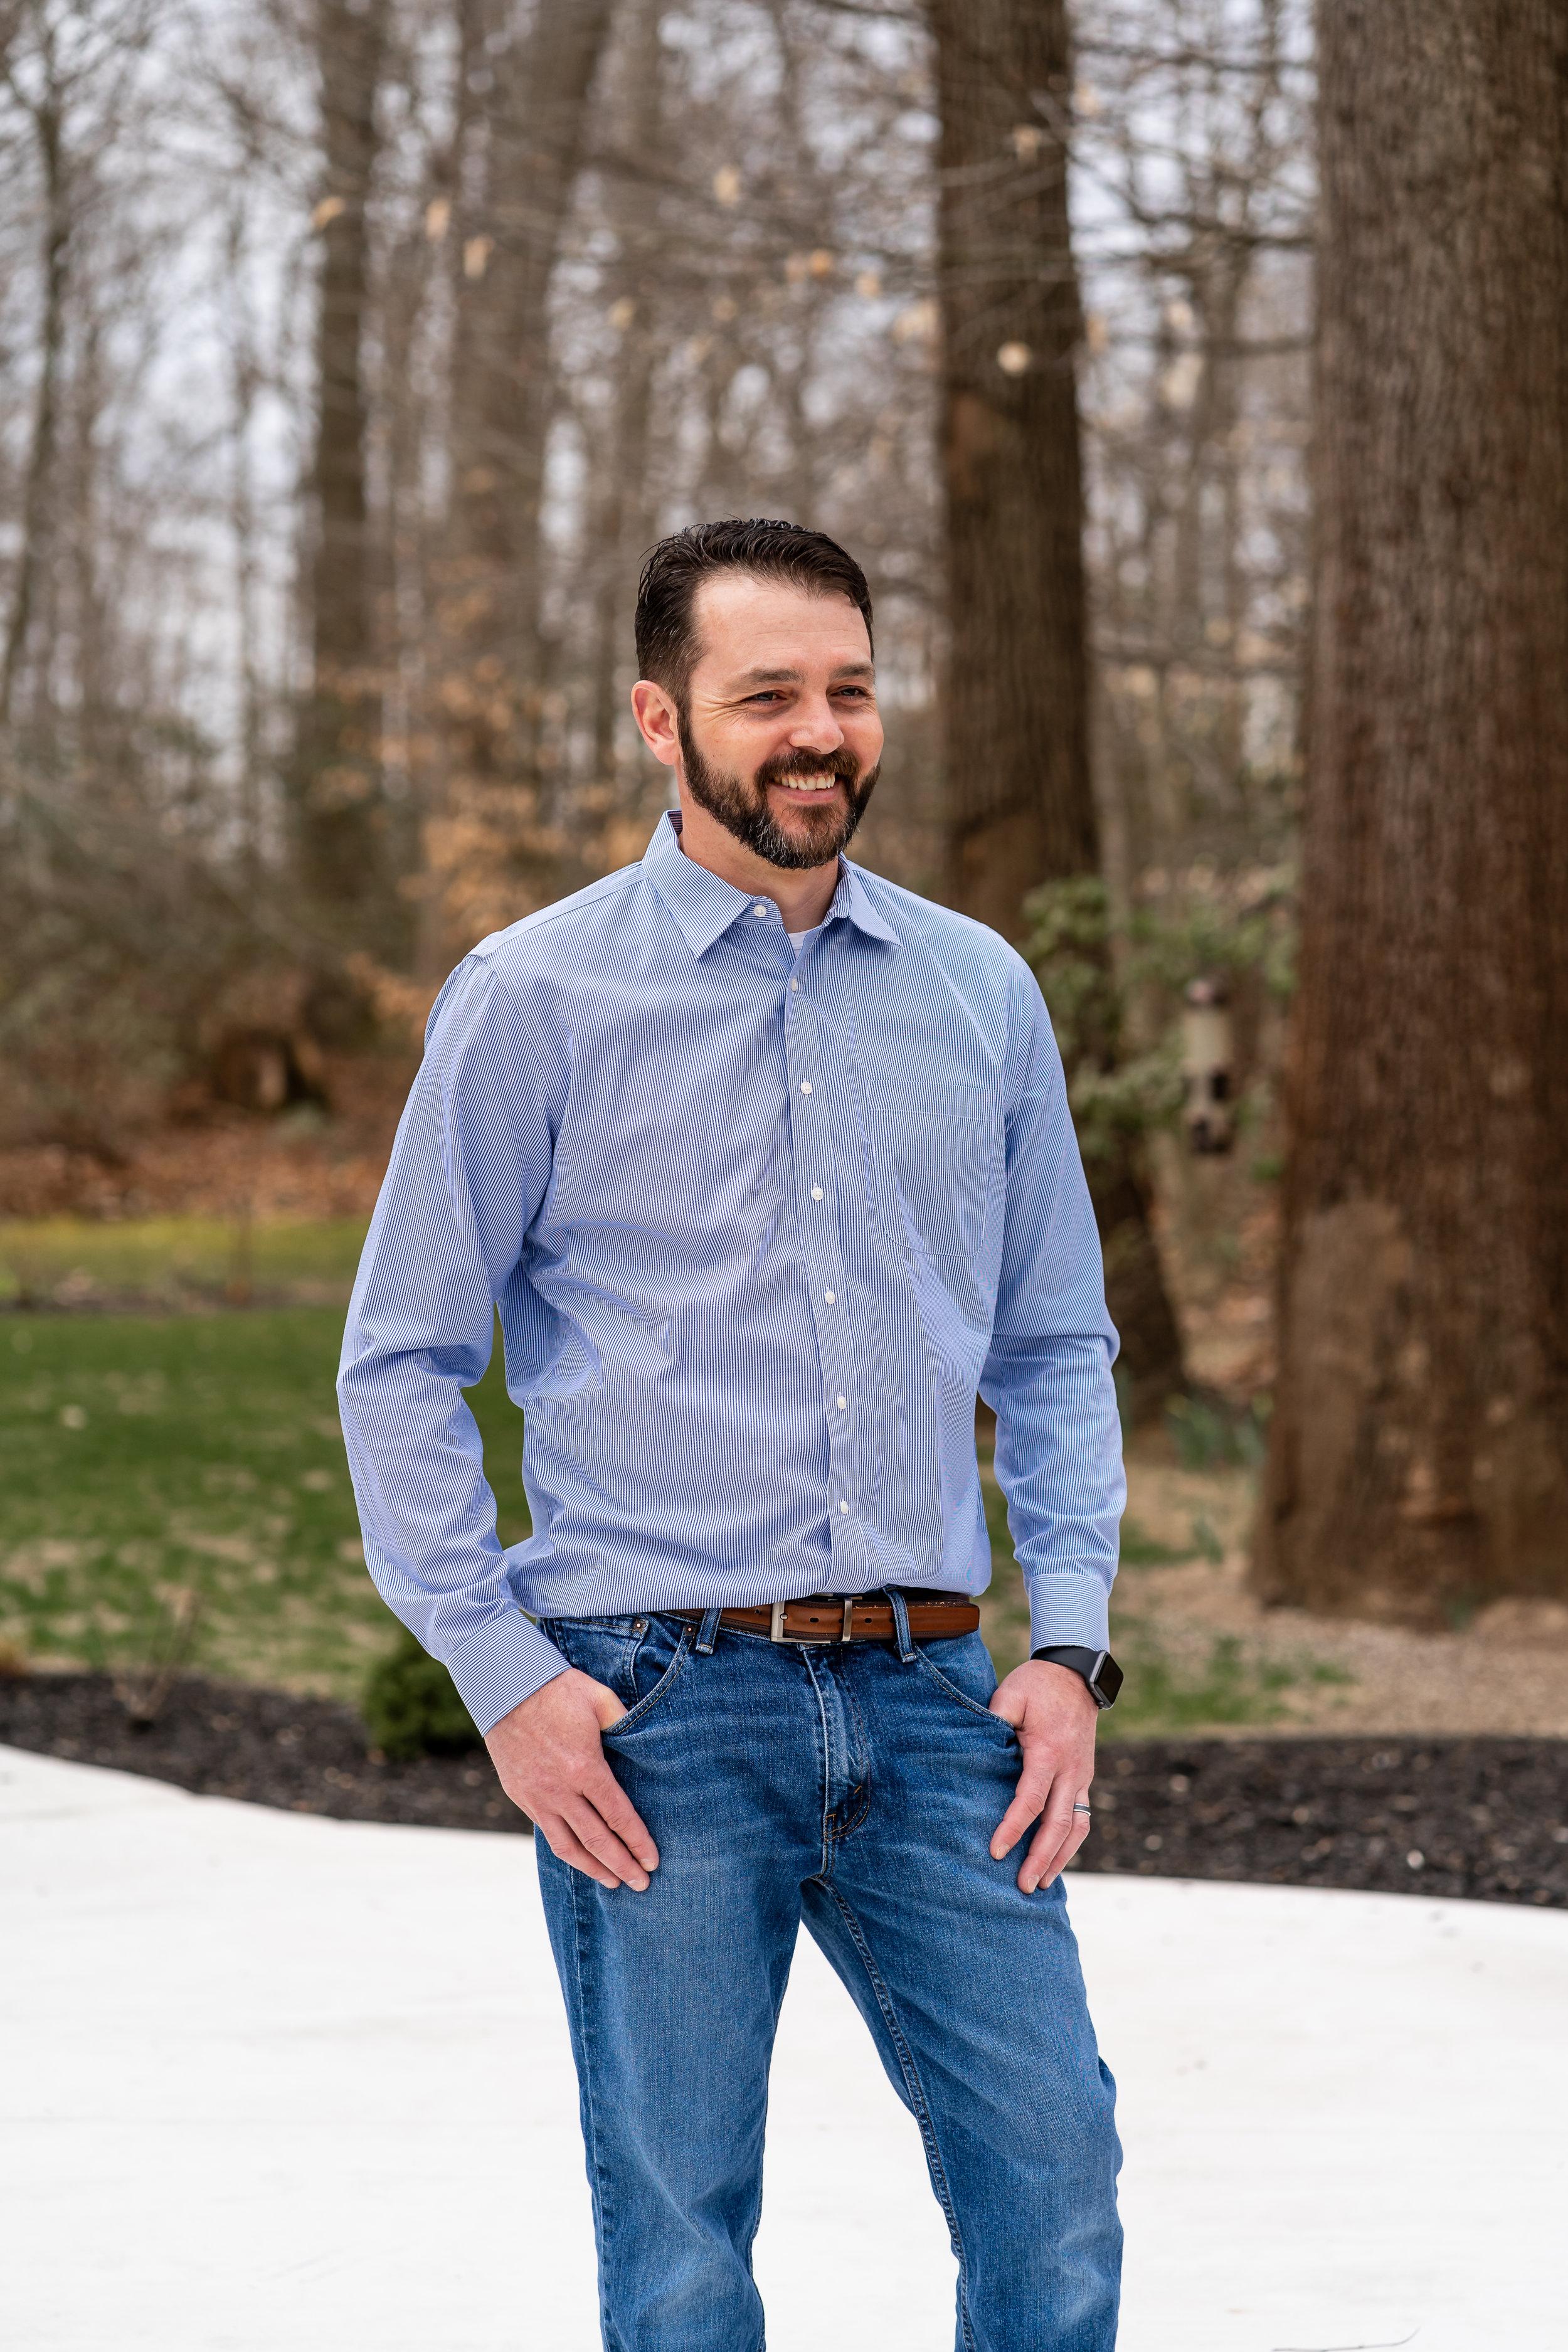 Gary Bell, co-owner